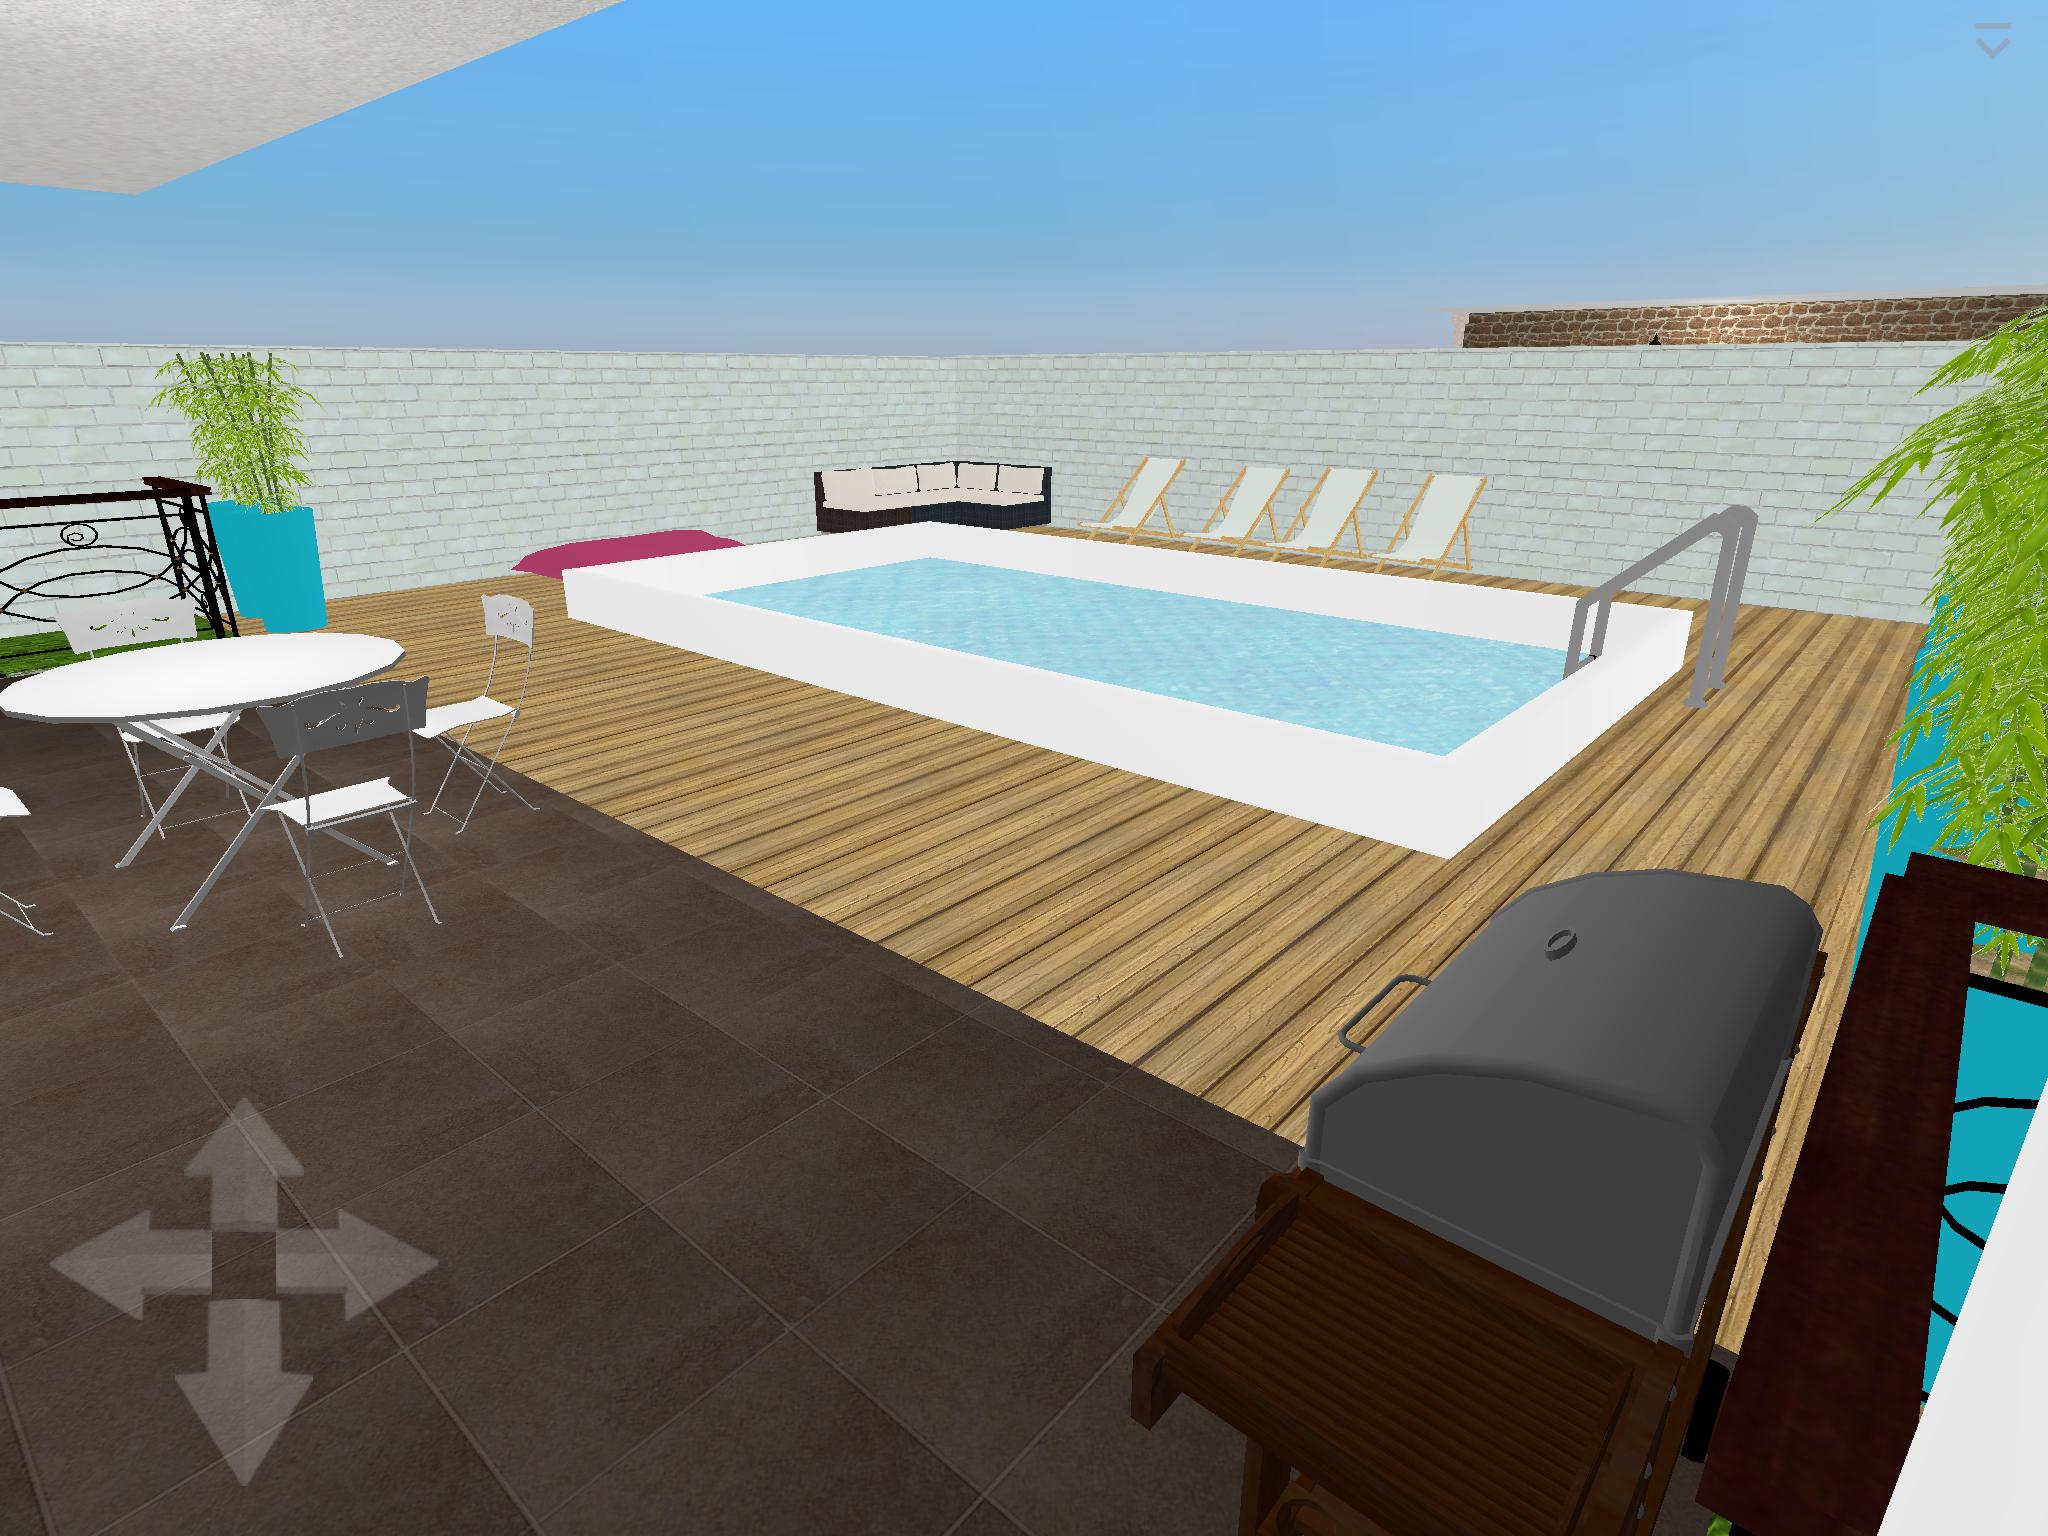 Salle De Bain orthographe Inspirant Image Salle De Bain 3d Charmant Plan 3d Salon Salle Manger Logiciel Home